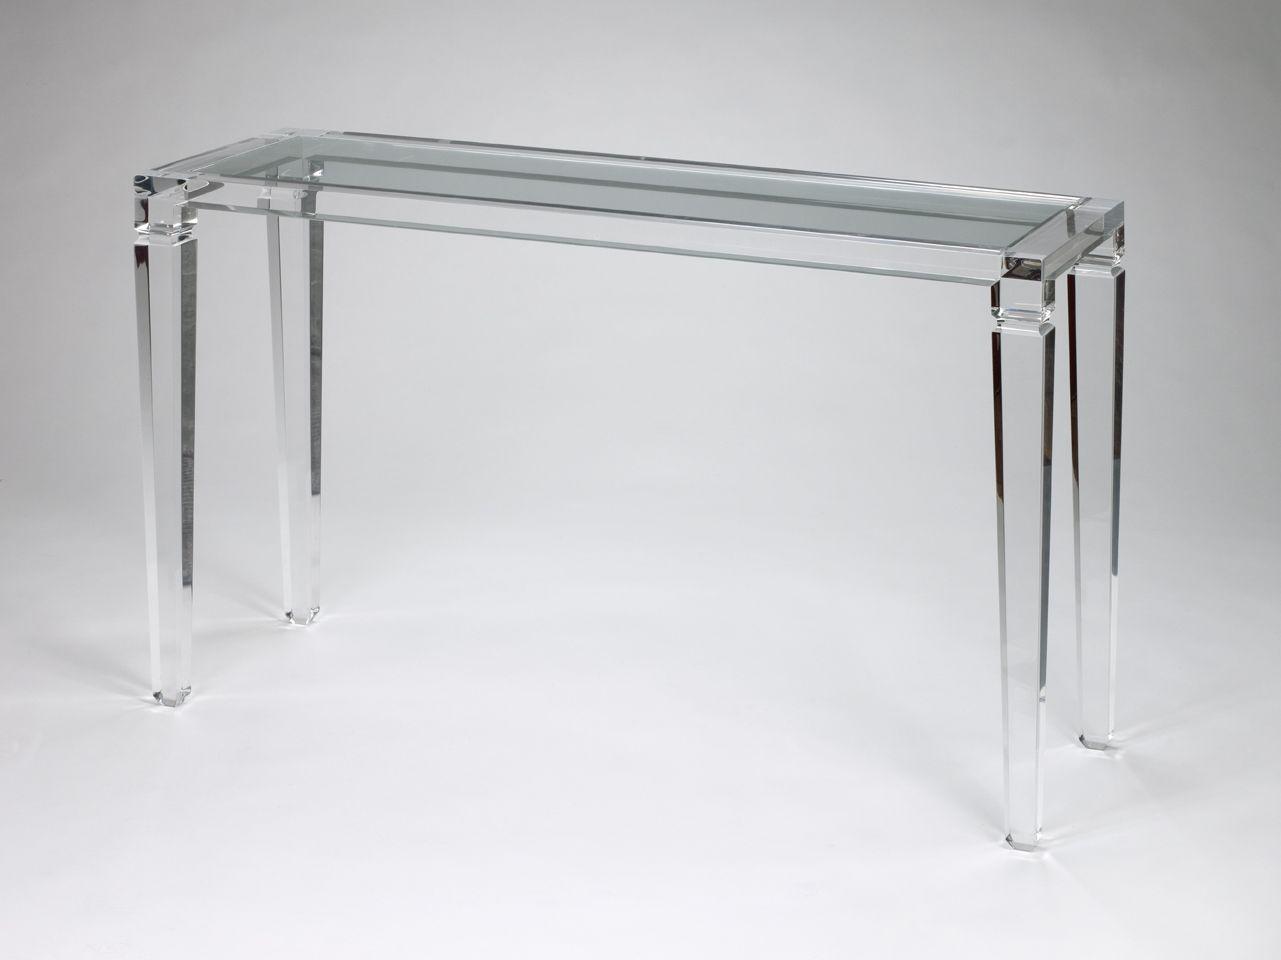 best lucite console table by francesca martire  working room  - best lucite console table by francesca martire